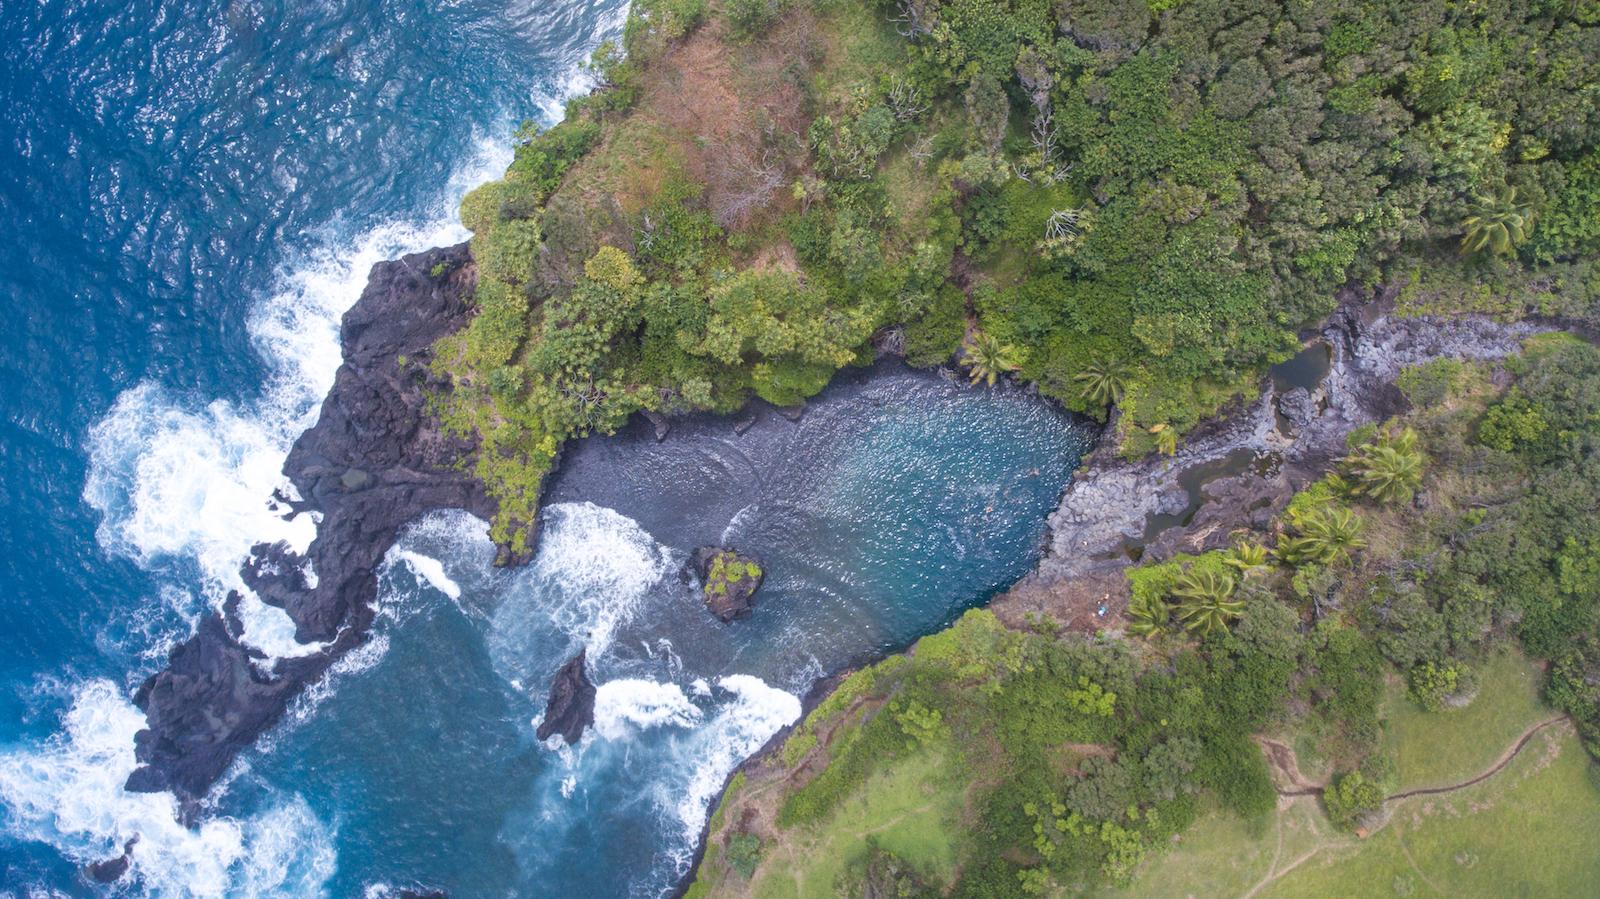 road-to-hana-tour-epic-eperience-maui-hawaii.jpg